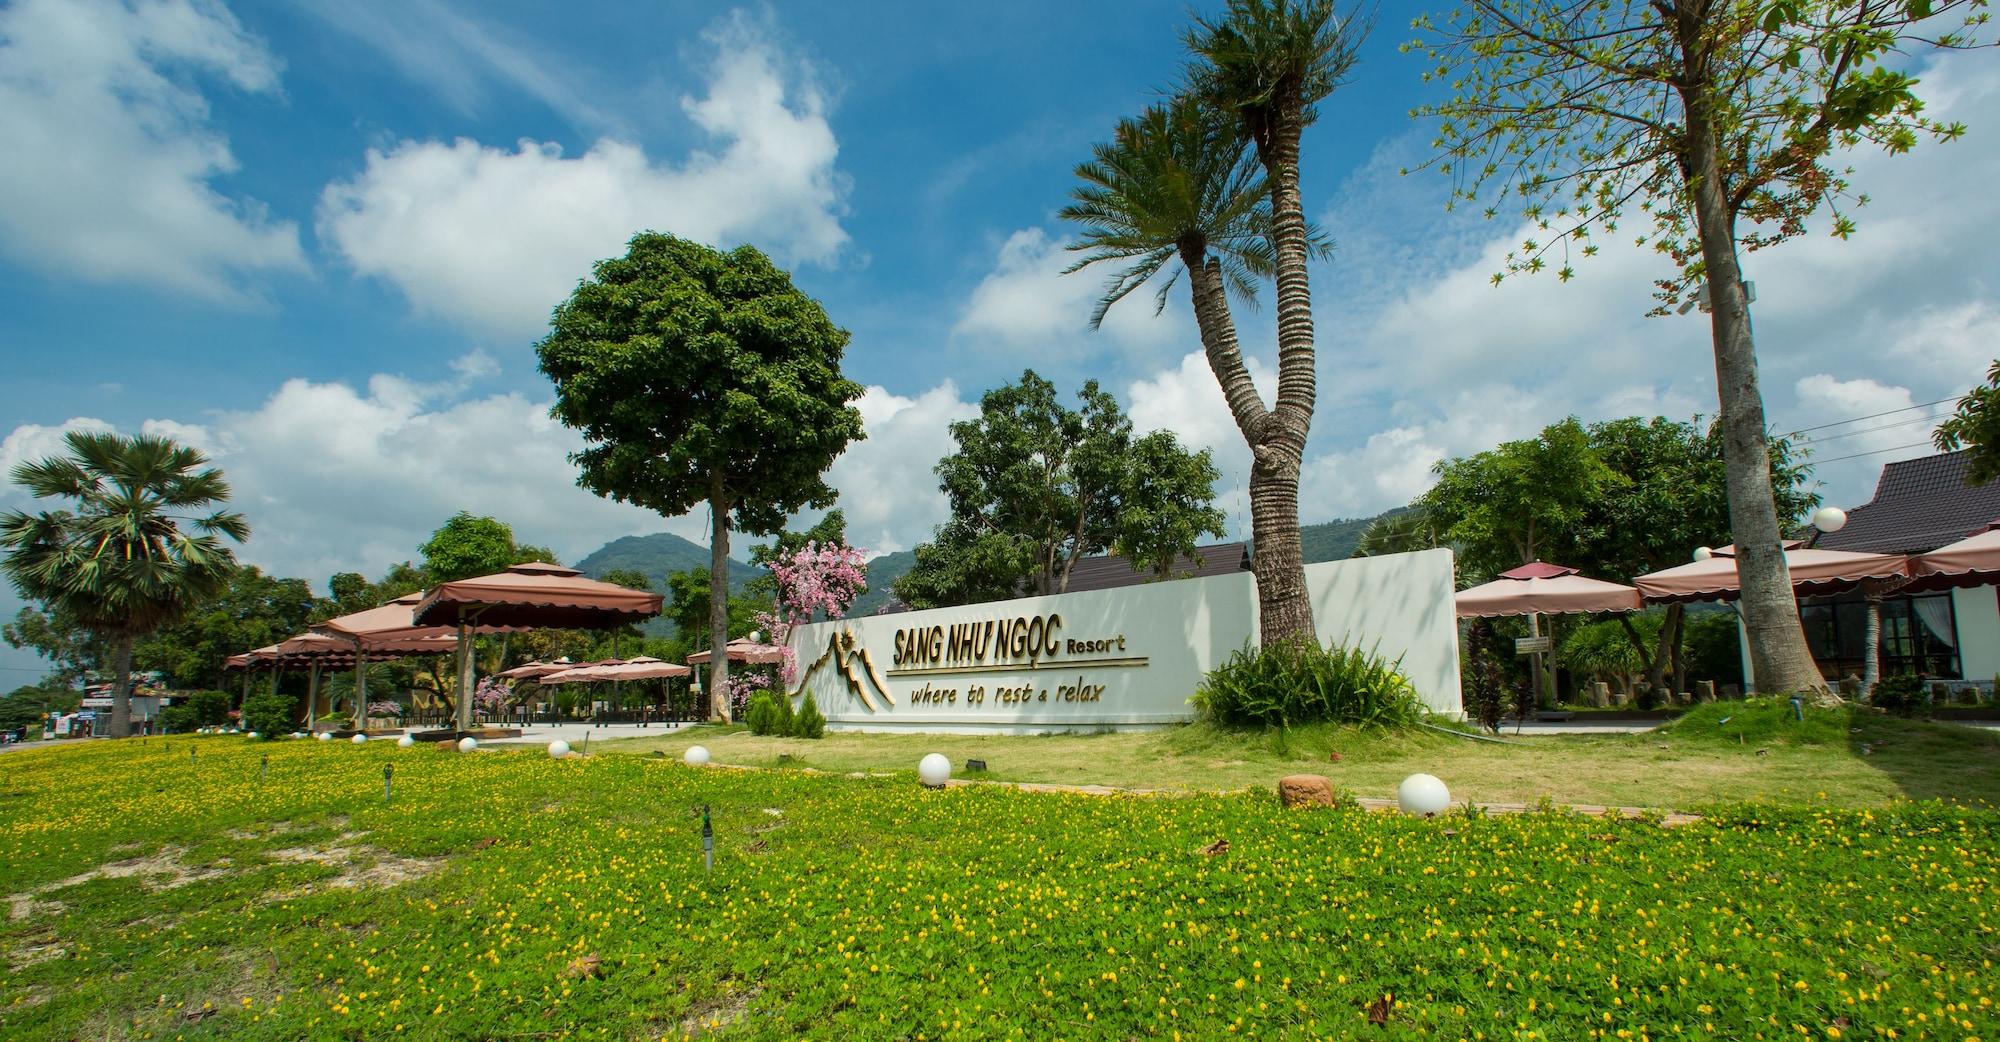 Sang Nhu Ngoc Resort, Tịnh Biên